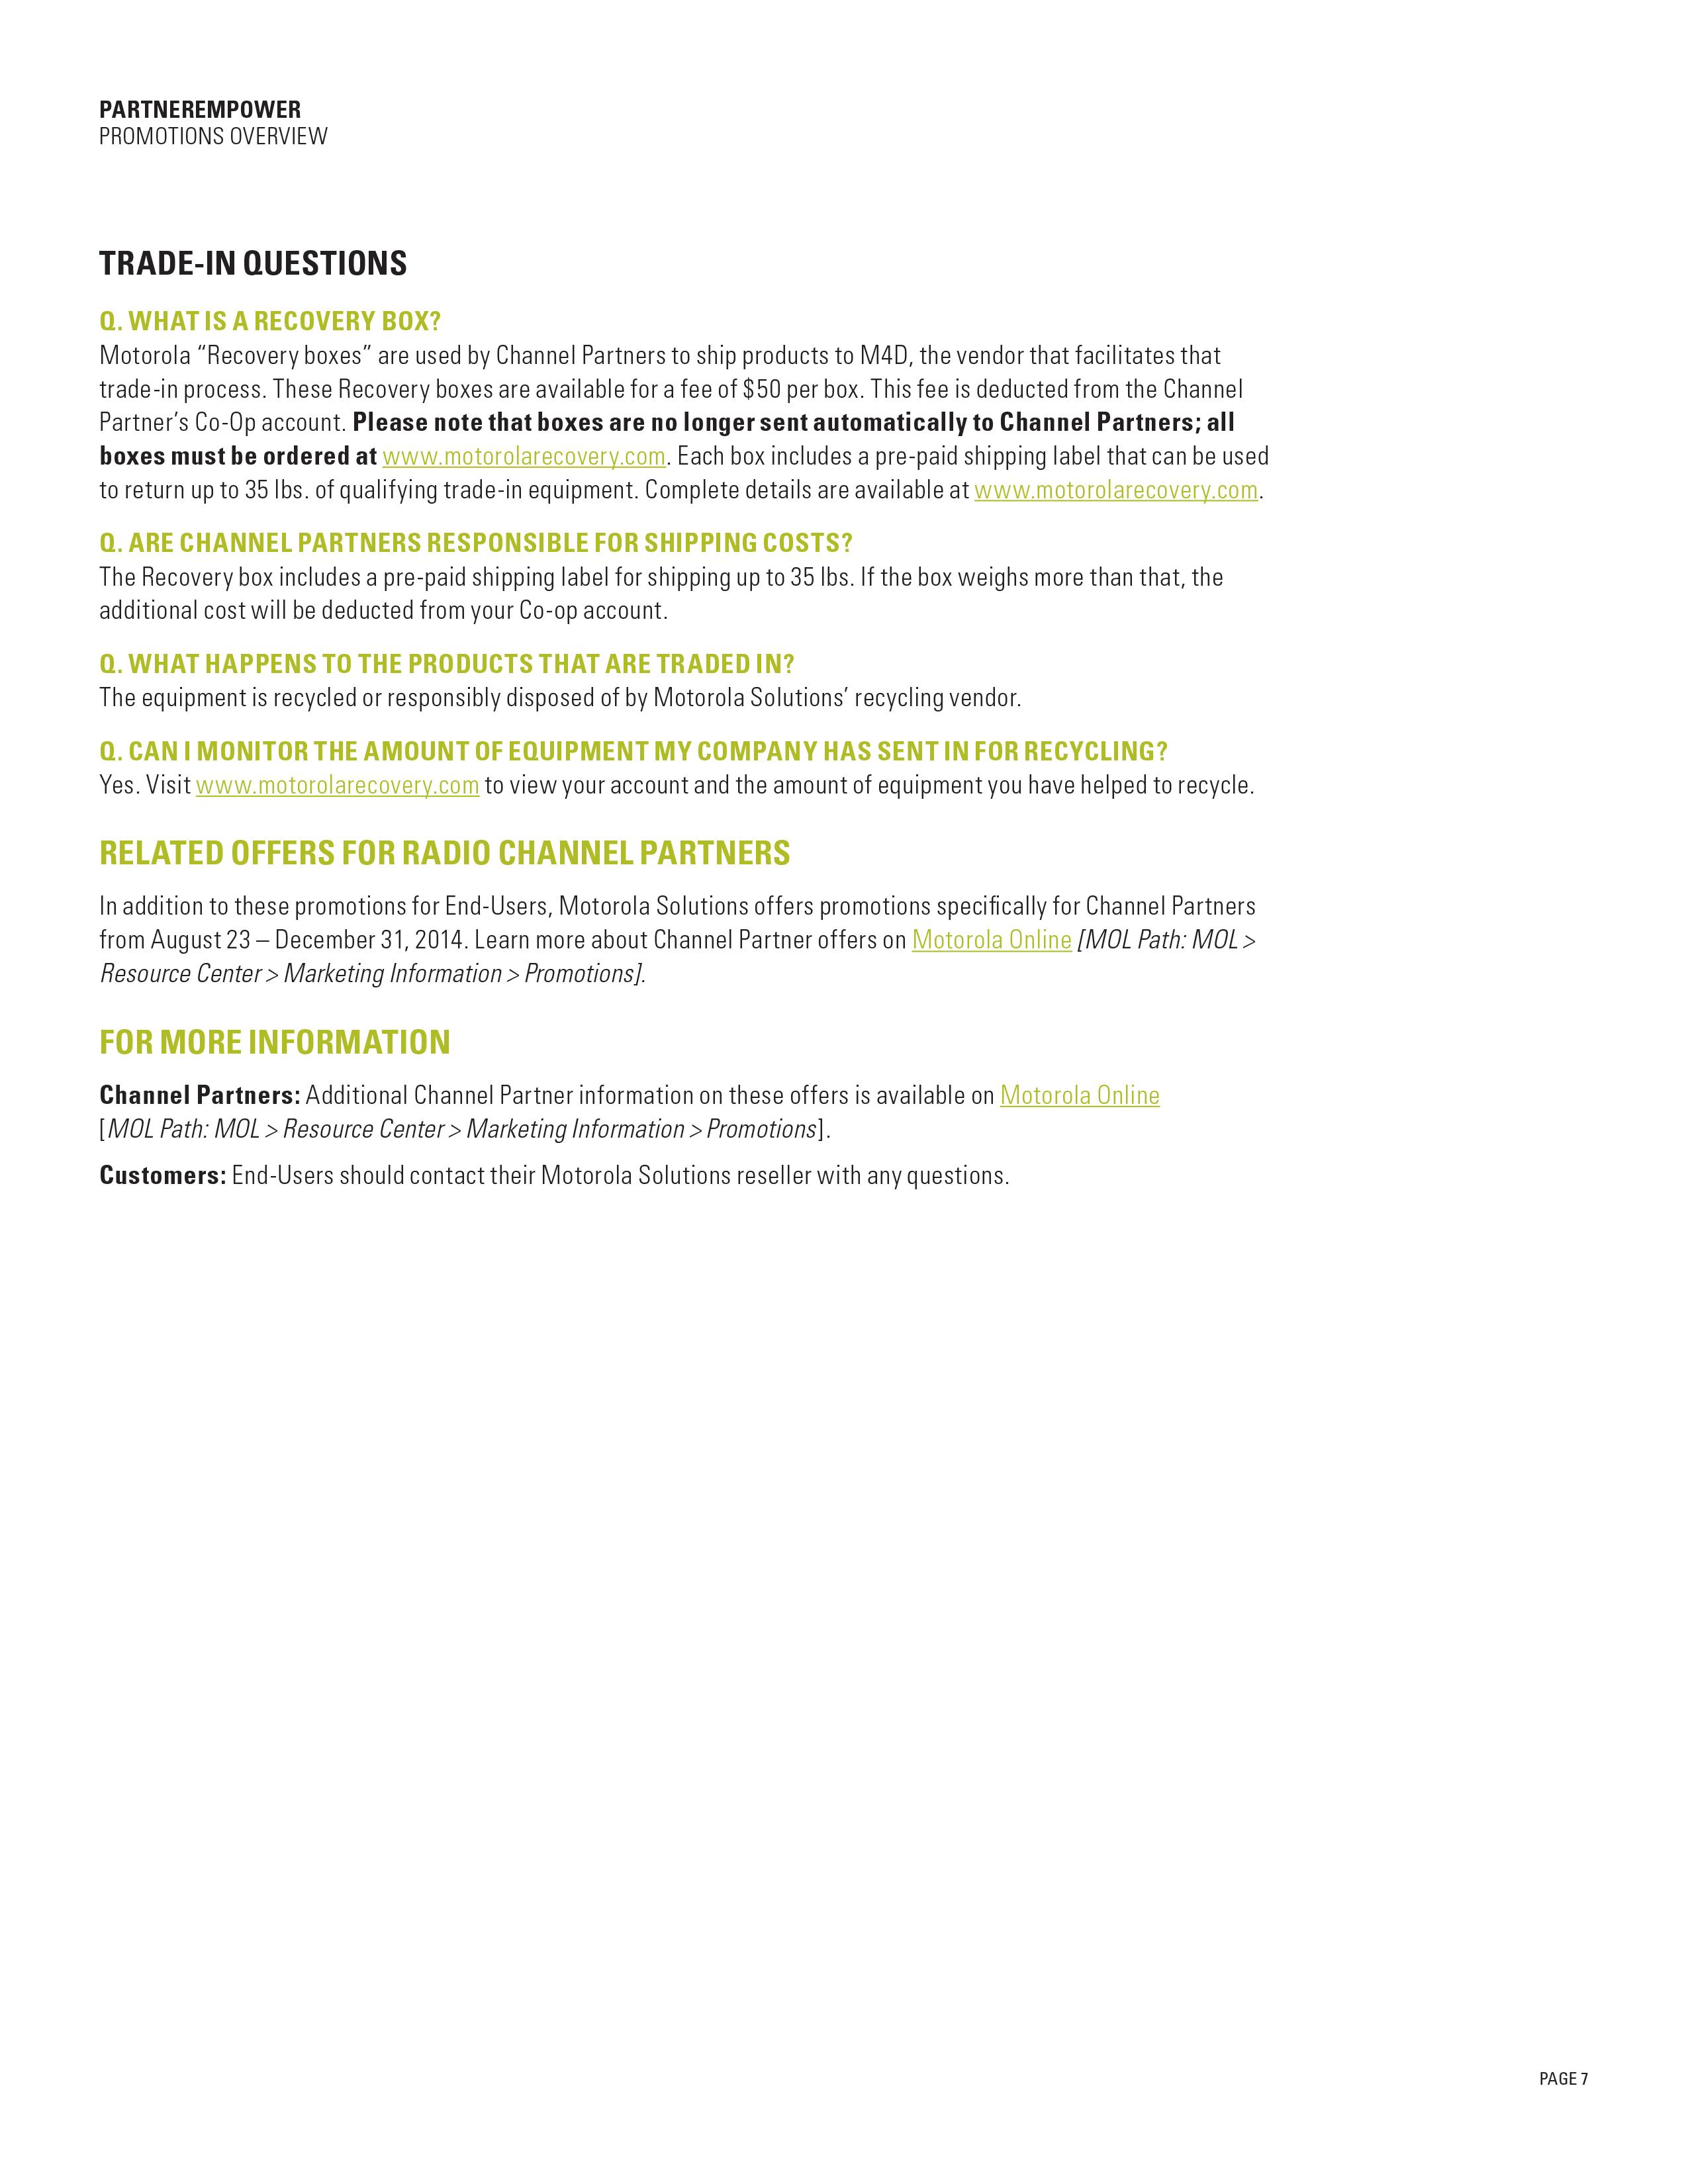 Page 7 - Rebates.jpg